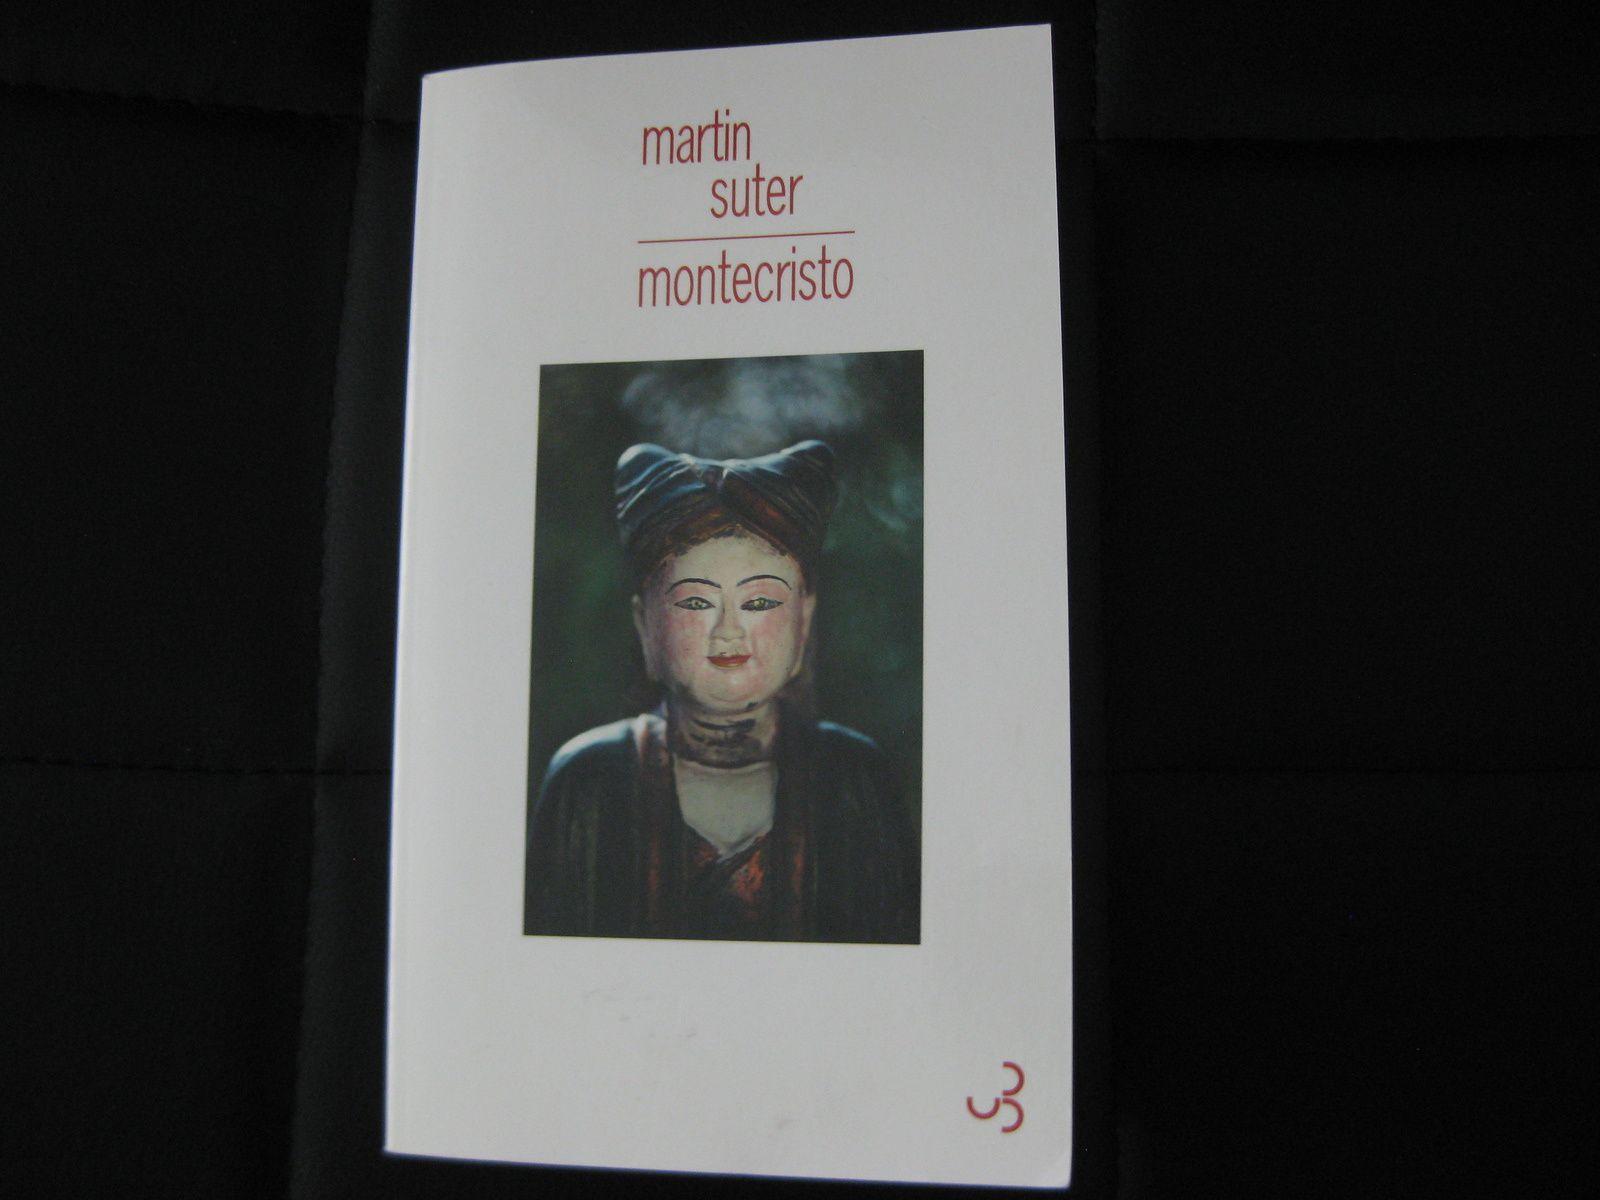 Montecristo : Martin Suter